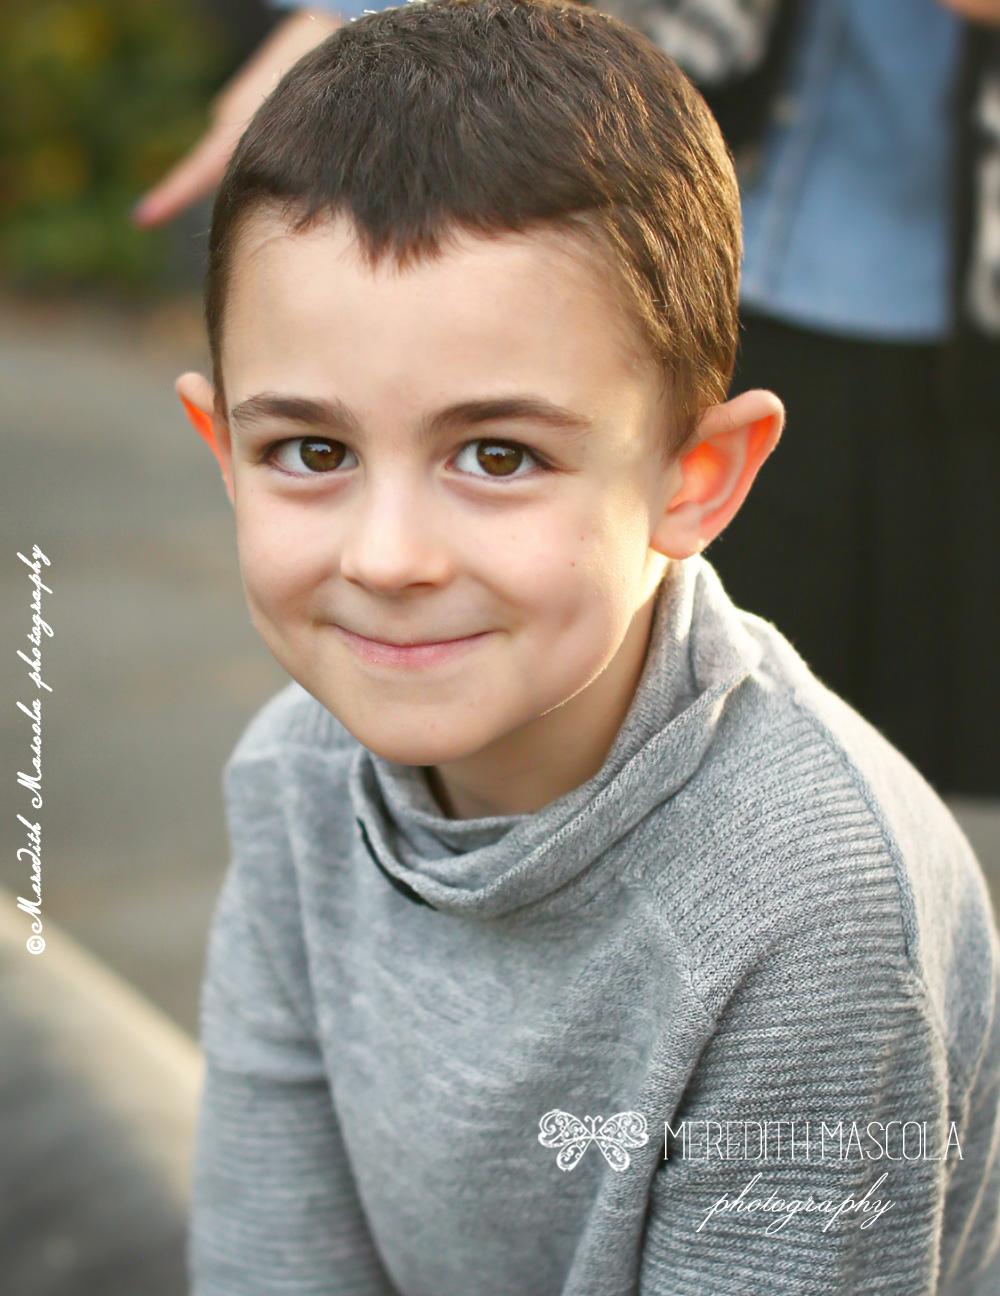 newjerseyfamilyphotographer23.jpg